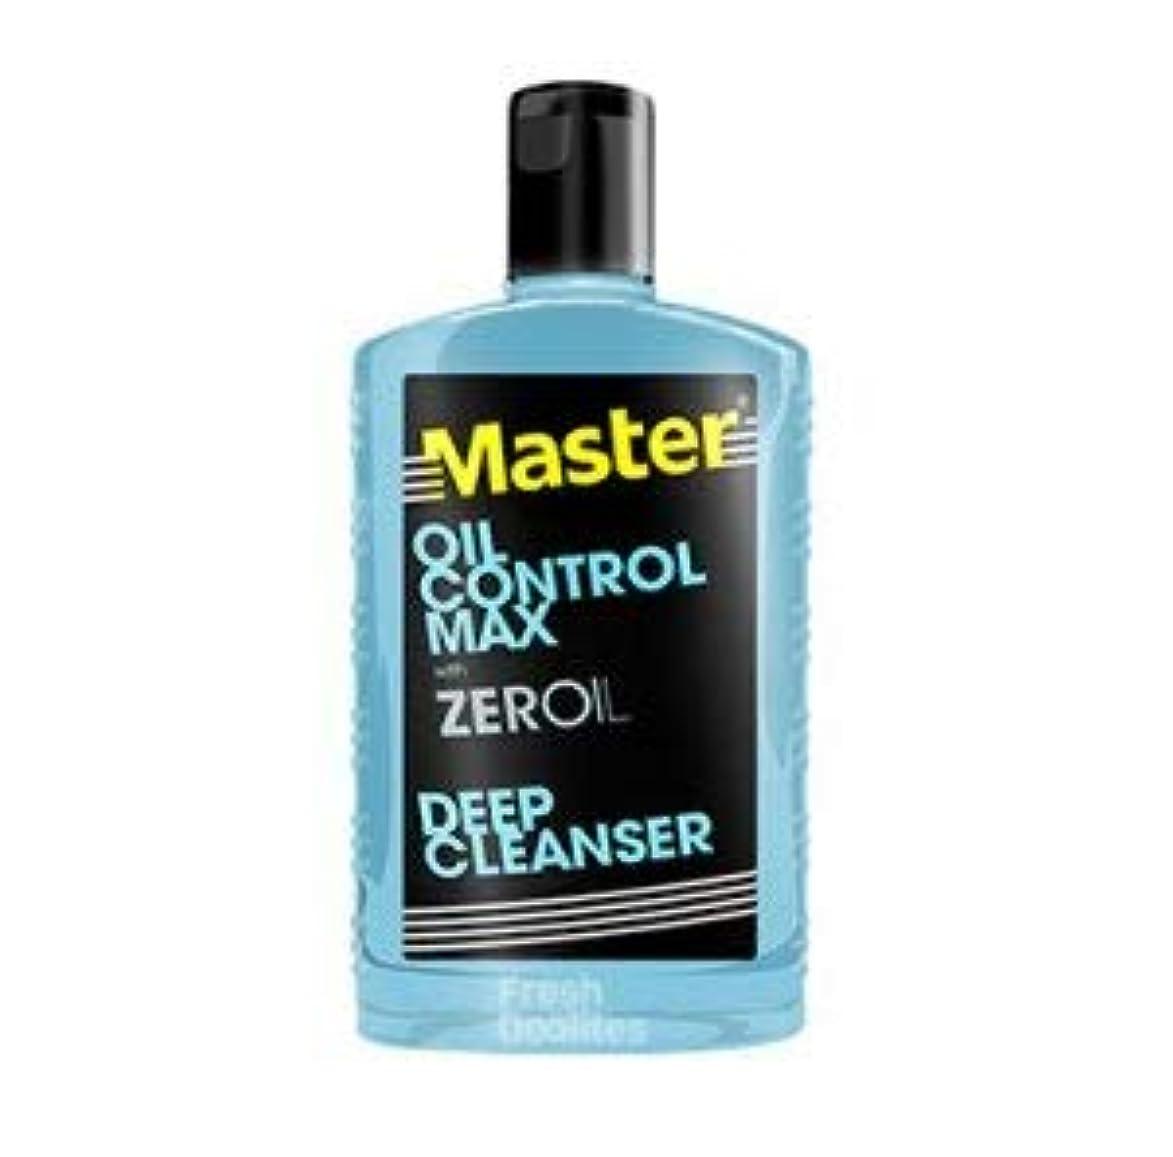 とにかく疾患シャイMaster OIL CONTROL MAX with ZEROIL 135ml【PHILIPPINES】